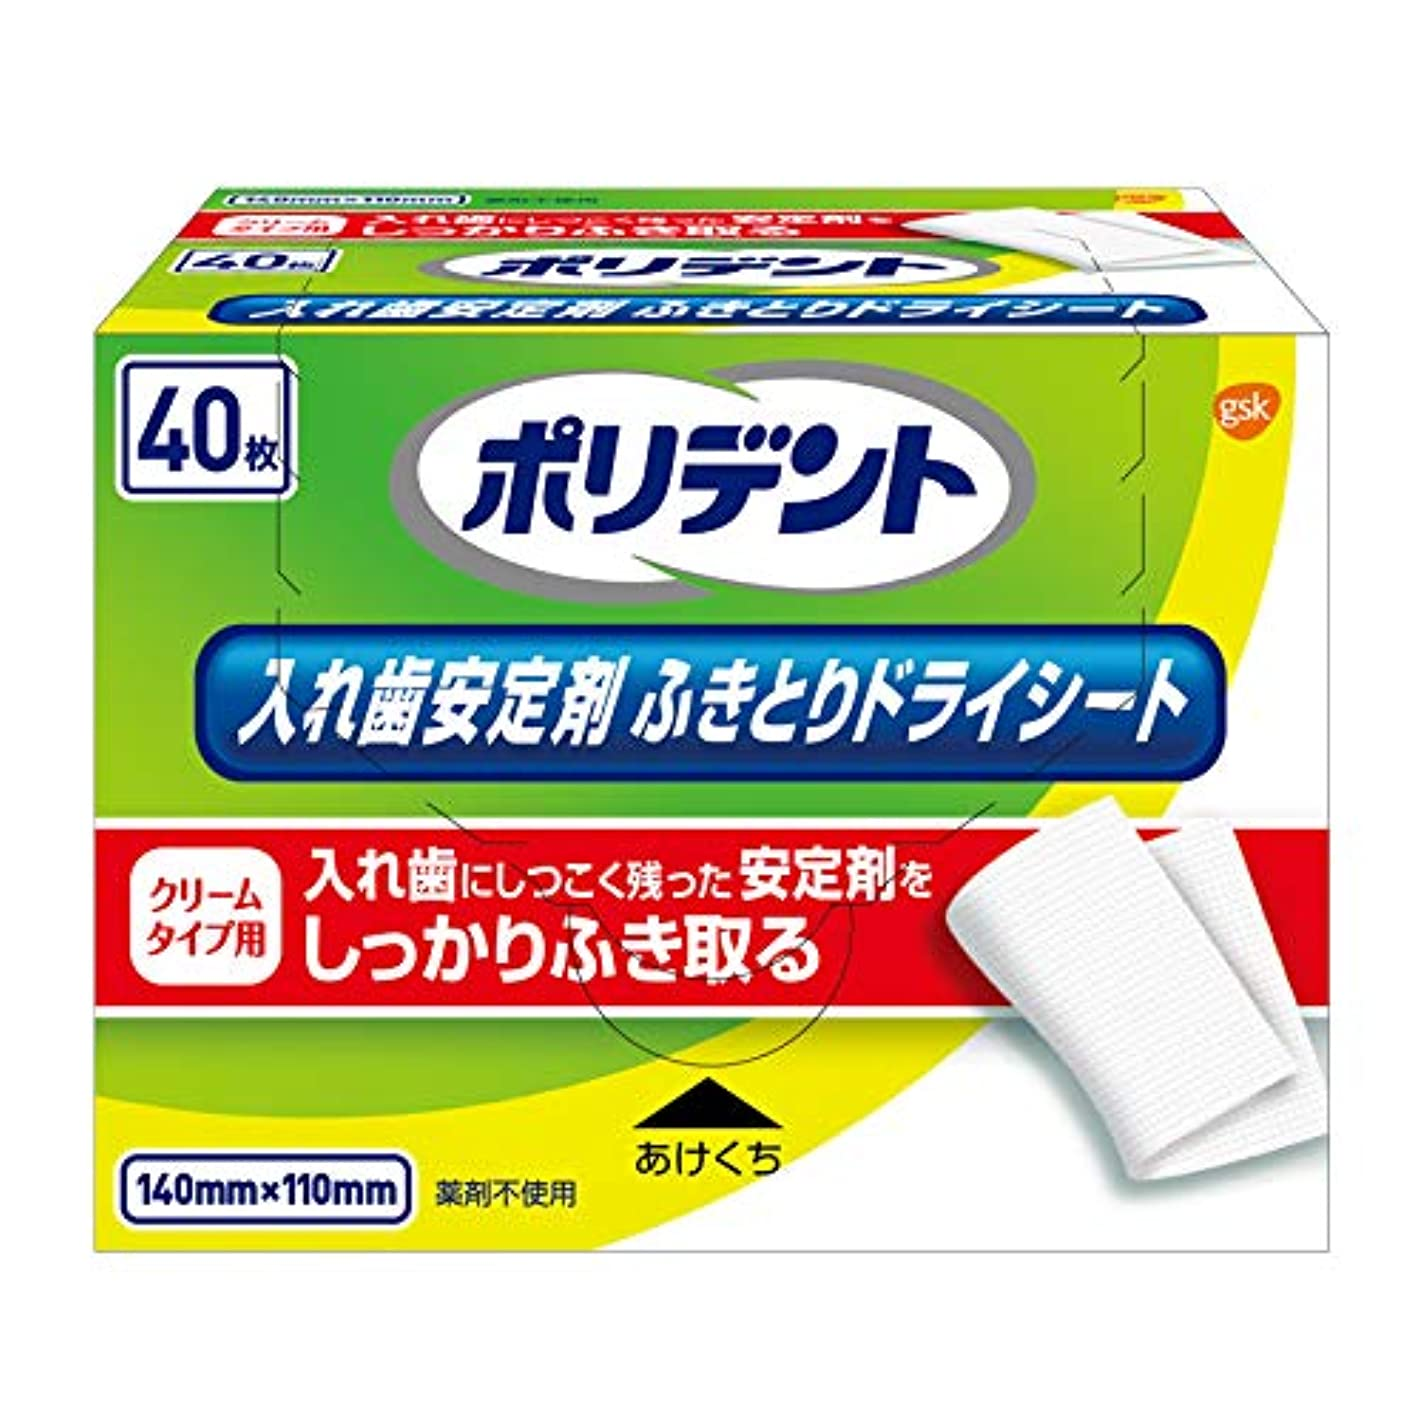 オーナーコマース望むポリデント 入れ歯安定剤ふきとりドライシート 40枚